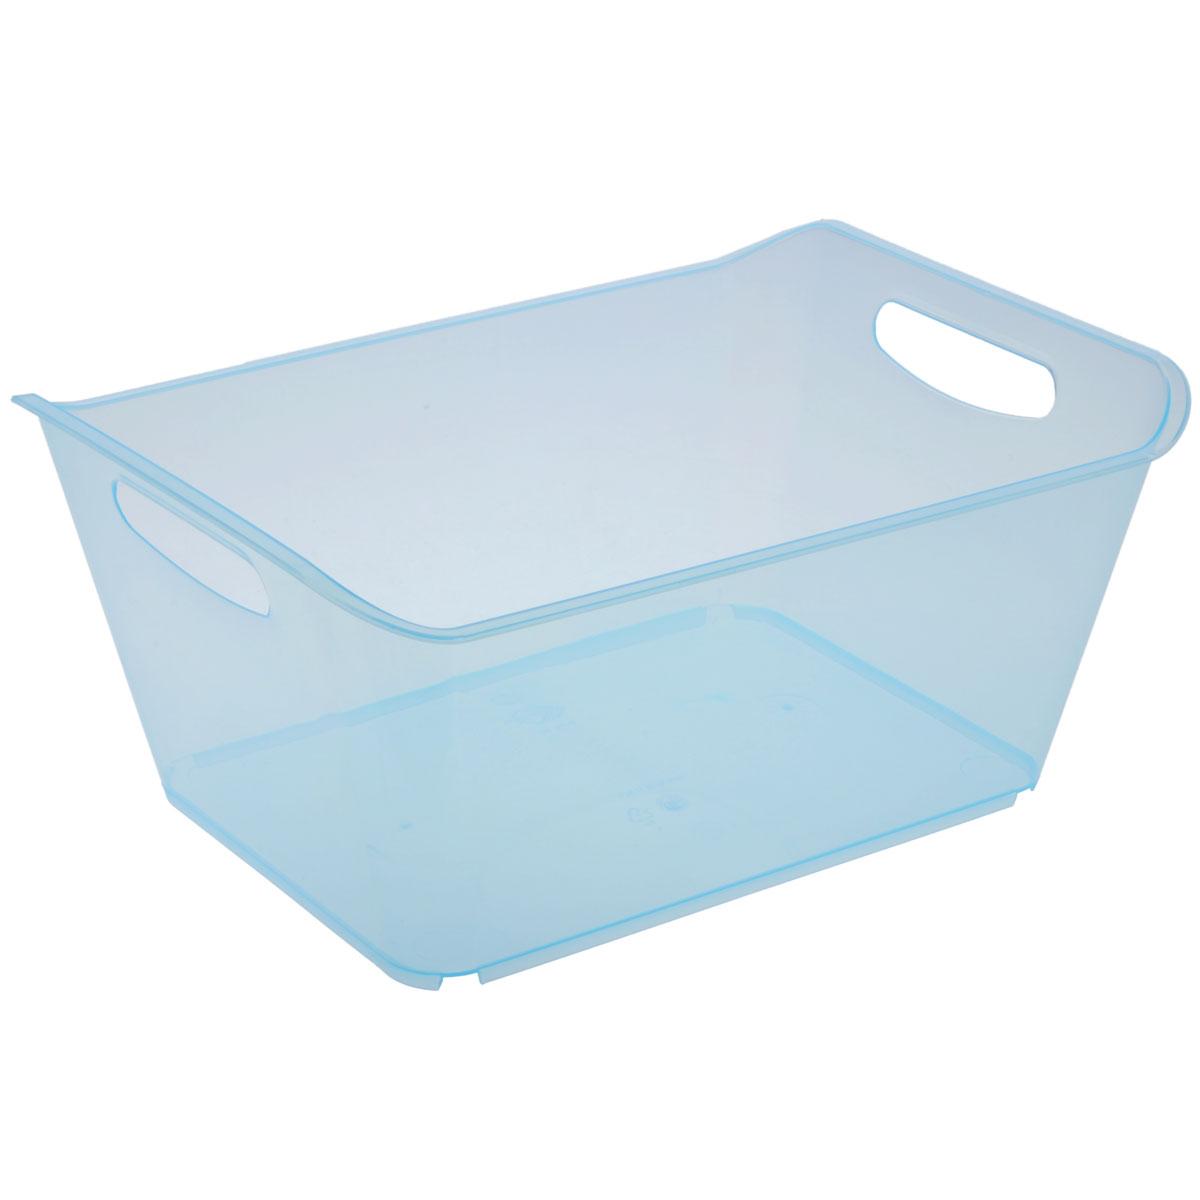 Контейнер Gensini, цвет: голубой, 18 л12723Контейнер Gensini выполнен из прочного пластика. Он предназначен для хранения различных мелких вещей в ванной, на кухне, даче или гараже, исключая возможность их потери. По бокам контейнера предусмотрены две удобные ручки для его переноски.Контейнер поможет хранить все в одном месте, а также защитить вещи от пыли, грязи и влаги. Объем: 18 л.